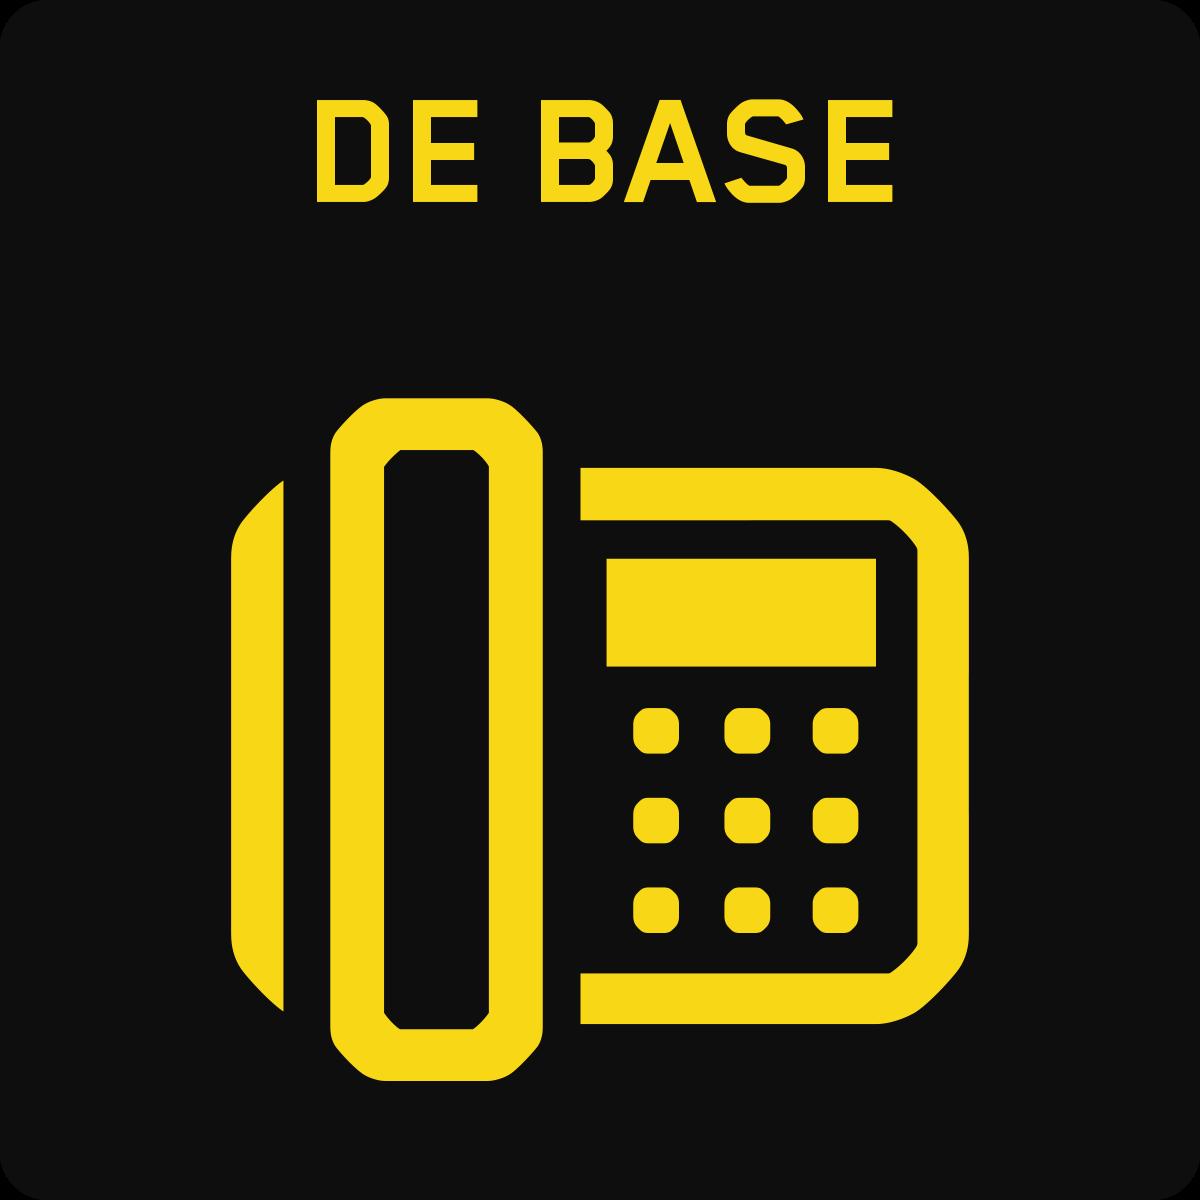 Ligne Téléphonique de Base